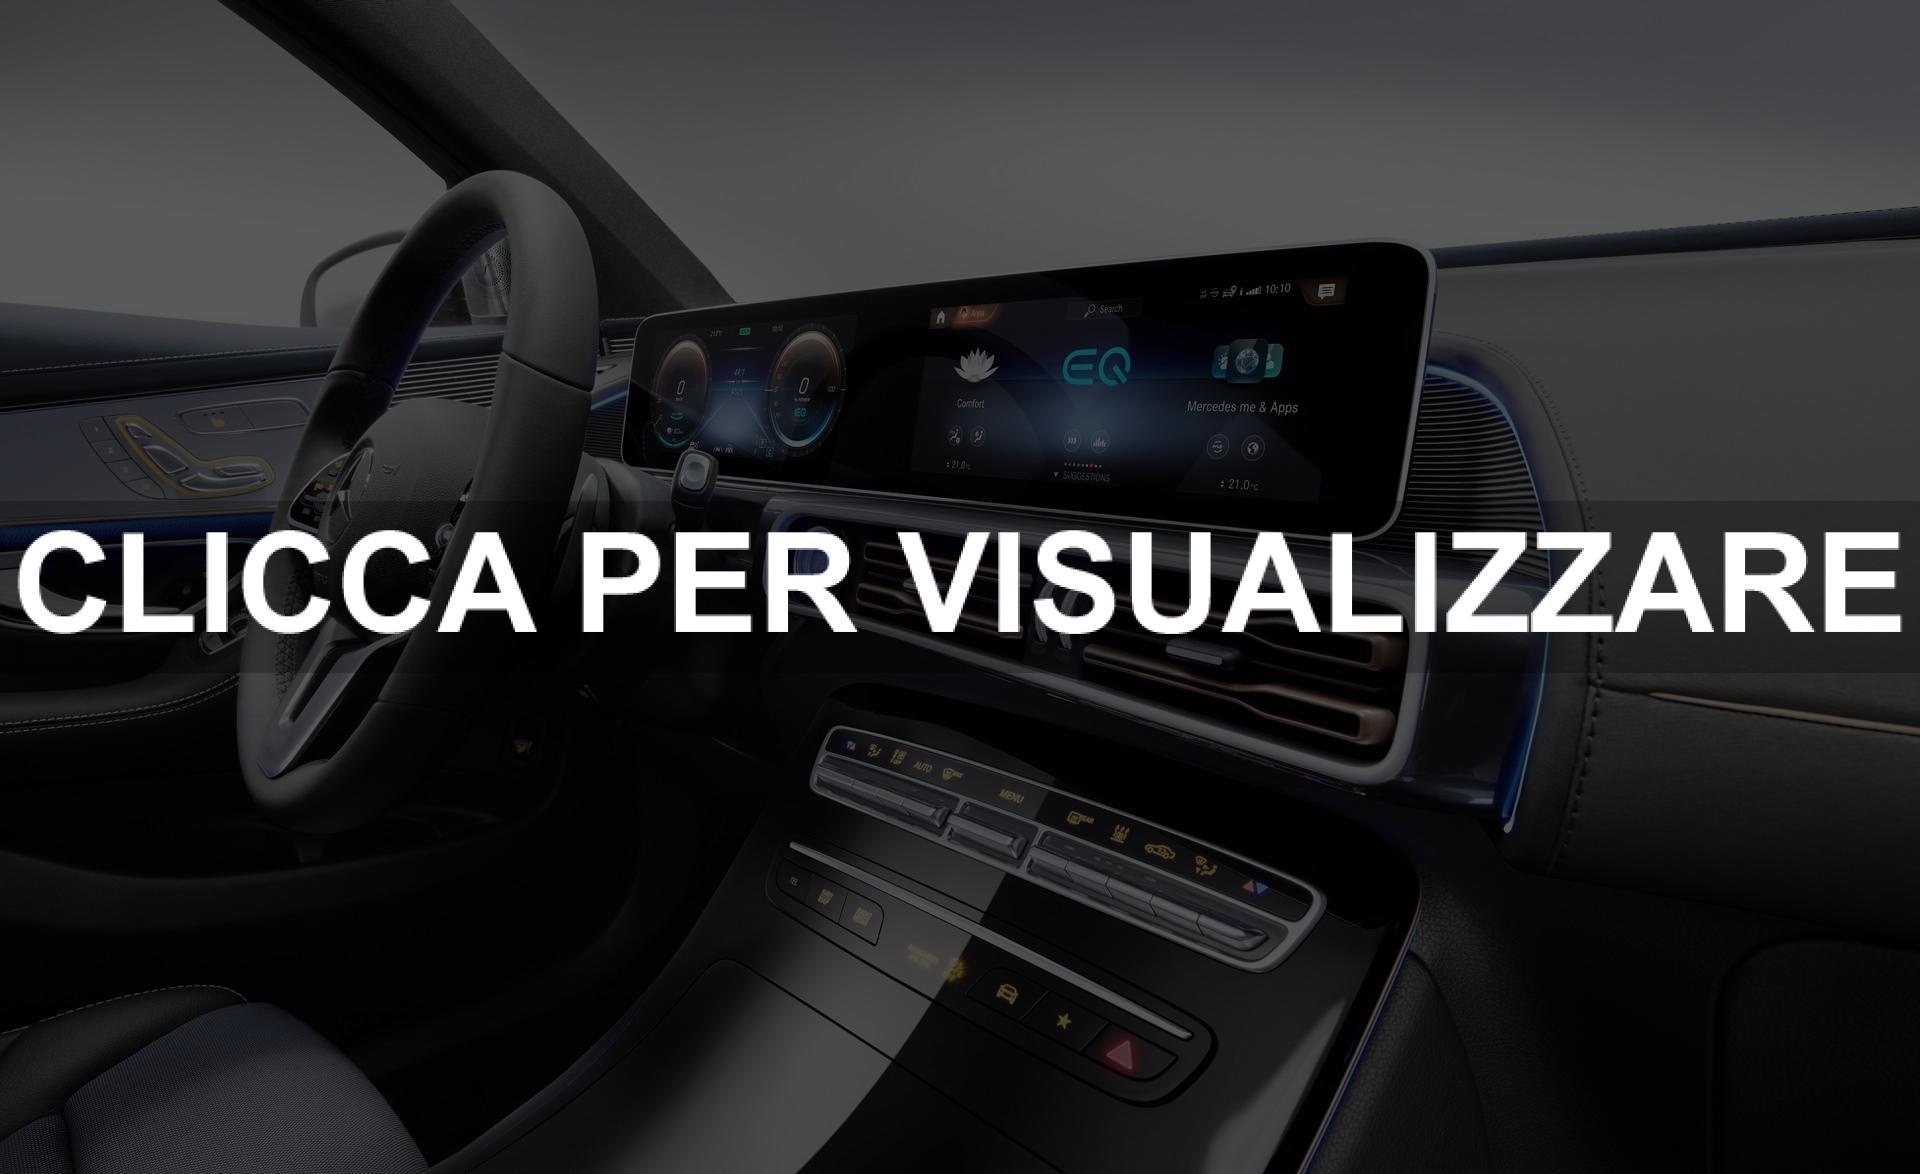 Immagine interni nuovo suv mercedes elettrico EQC 2019